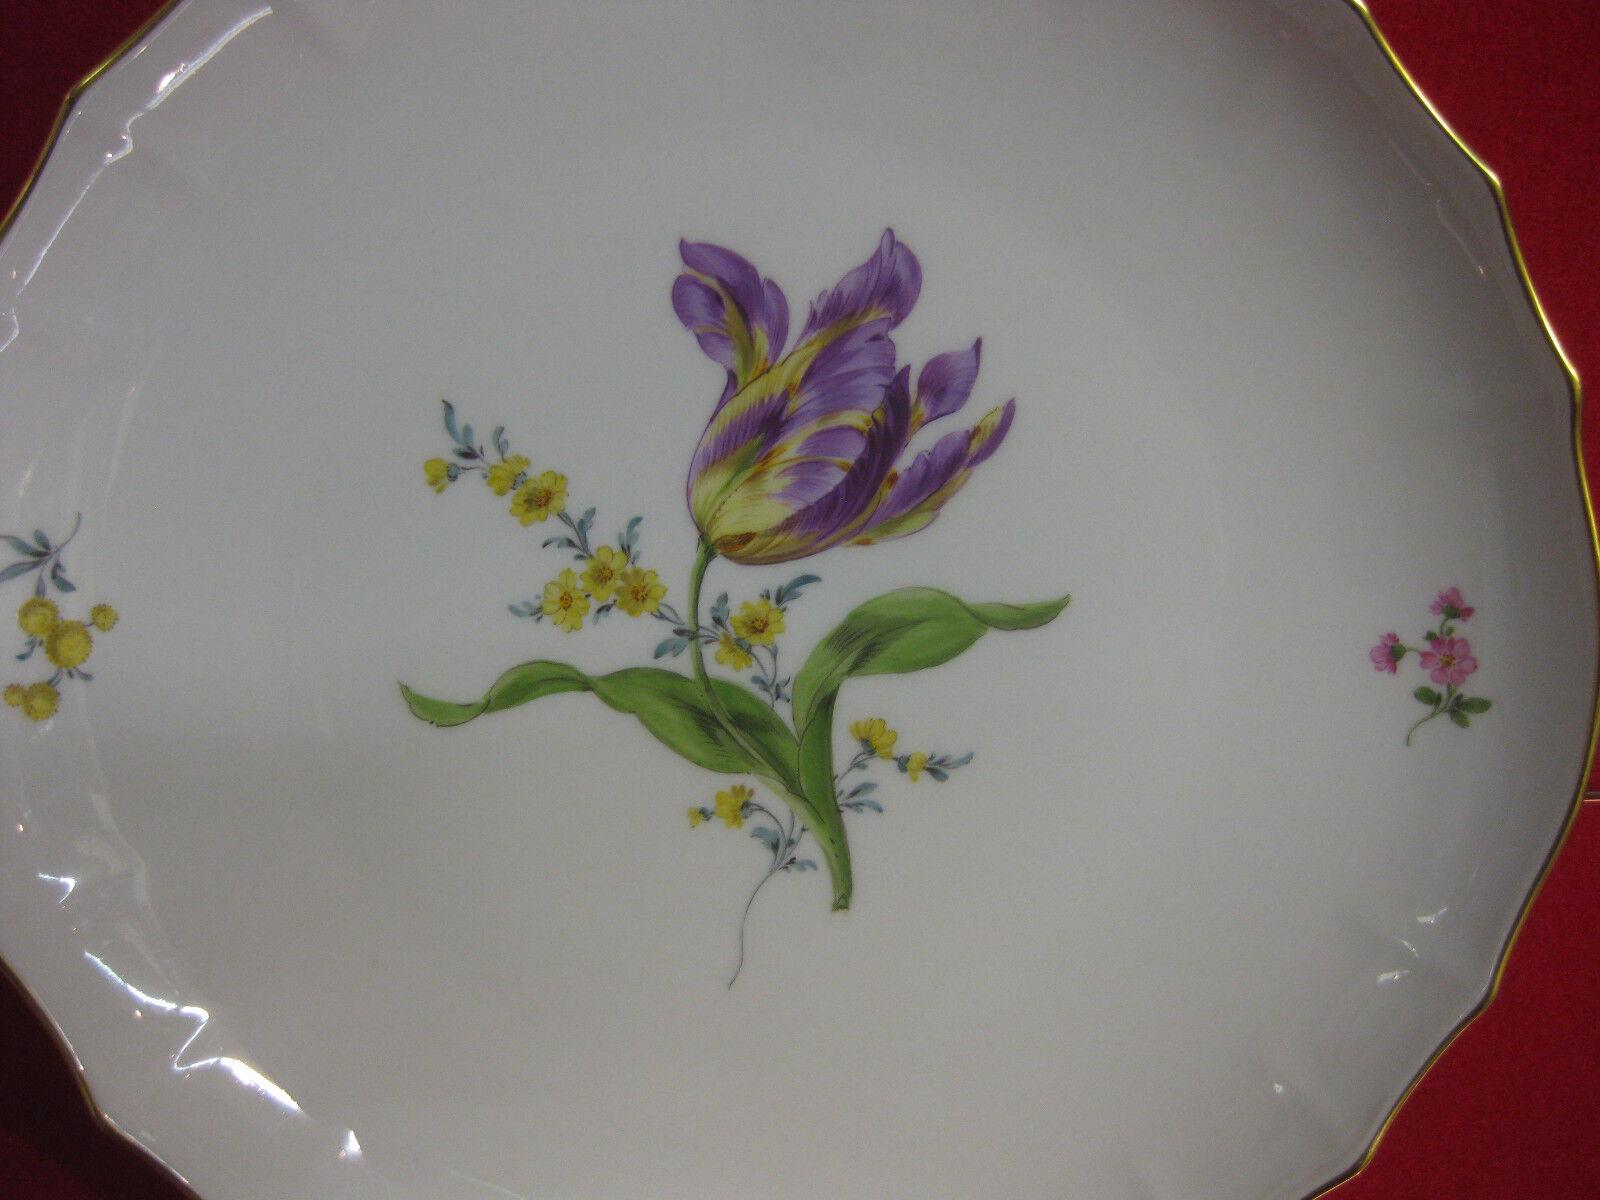 Meissen Schale Kuchenteller Gemüse Schwerter Schwerter Schwerter Bouquet Blaume Blaume 1257a3